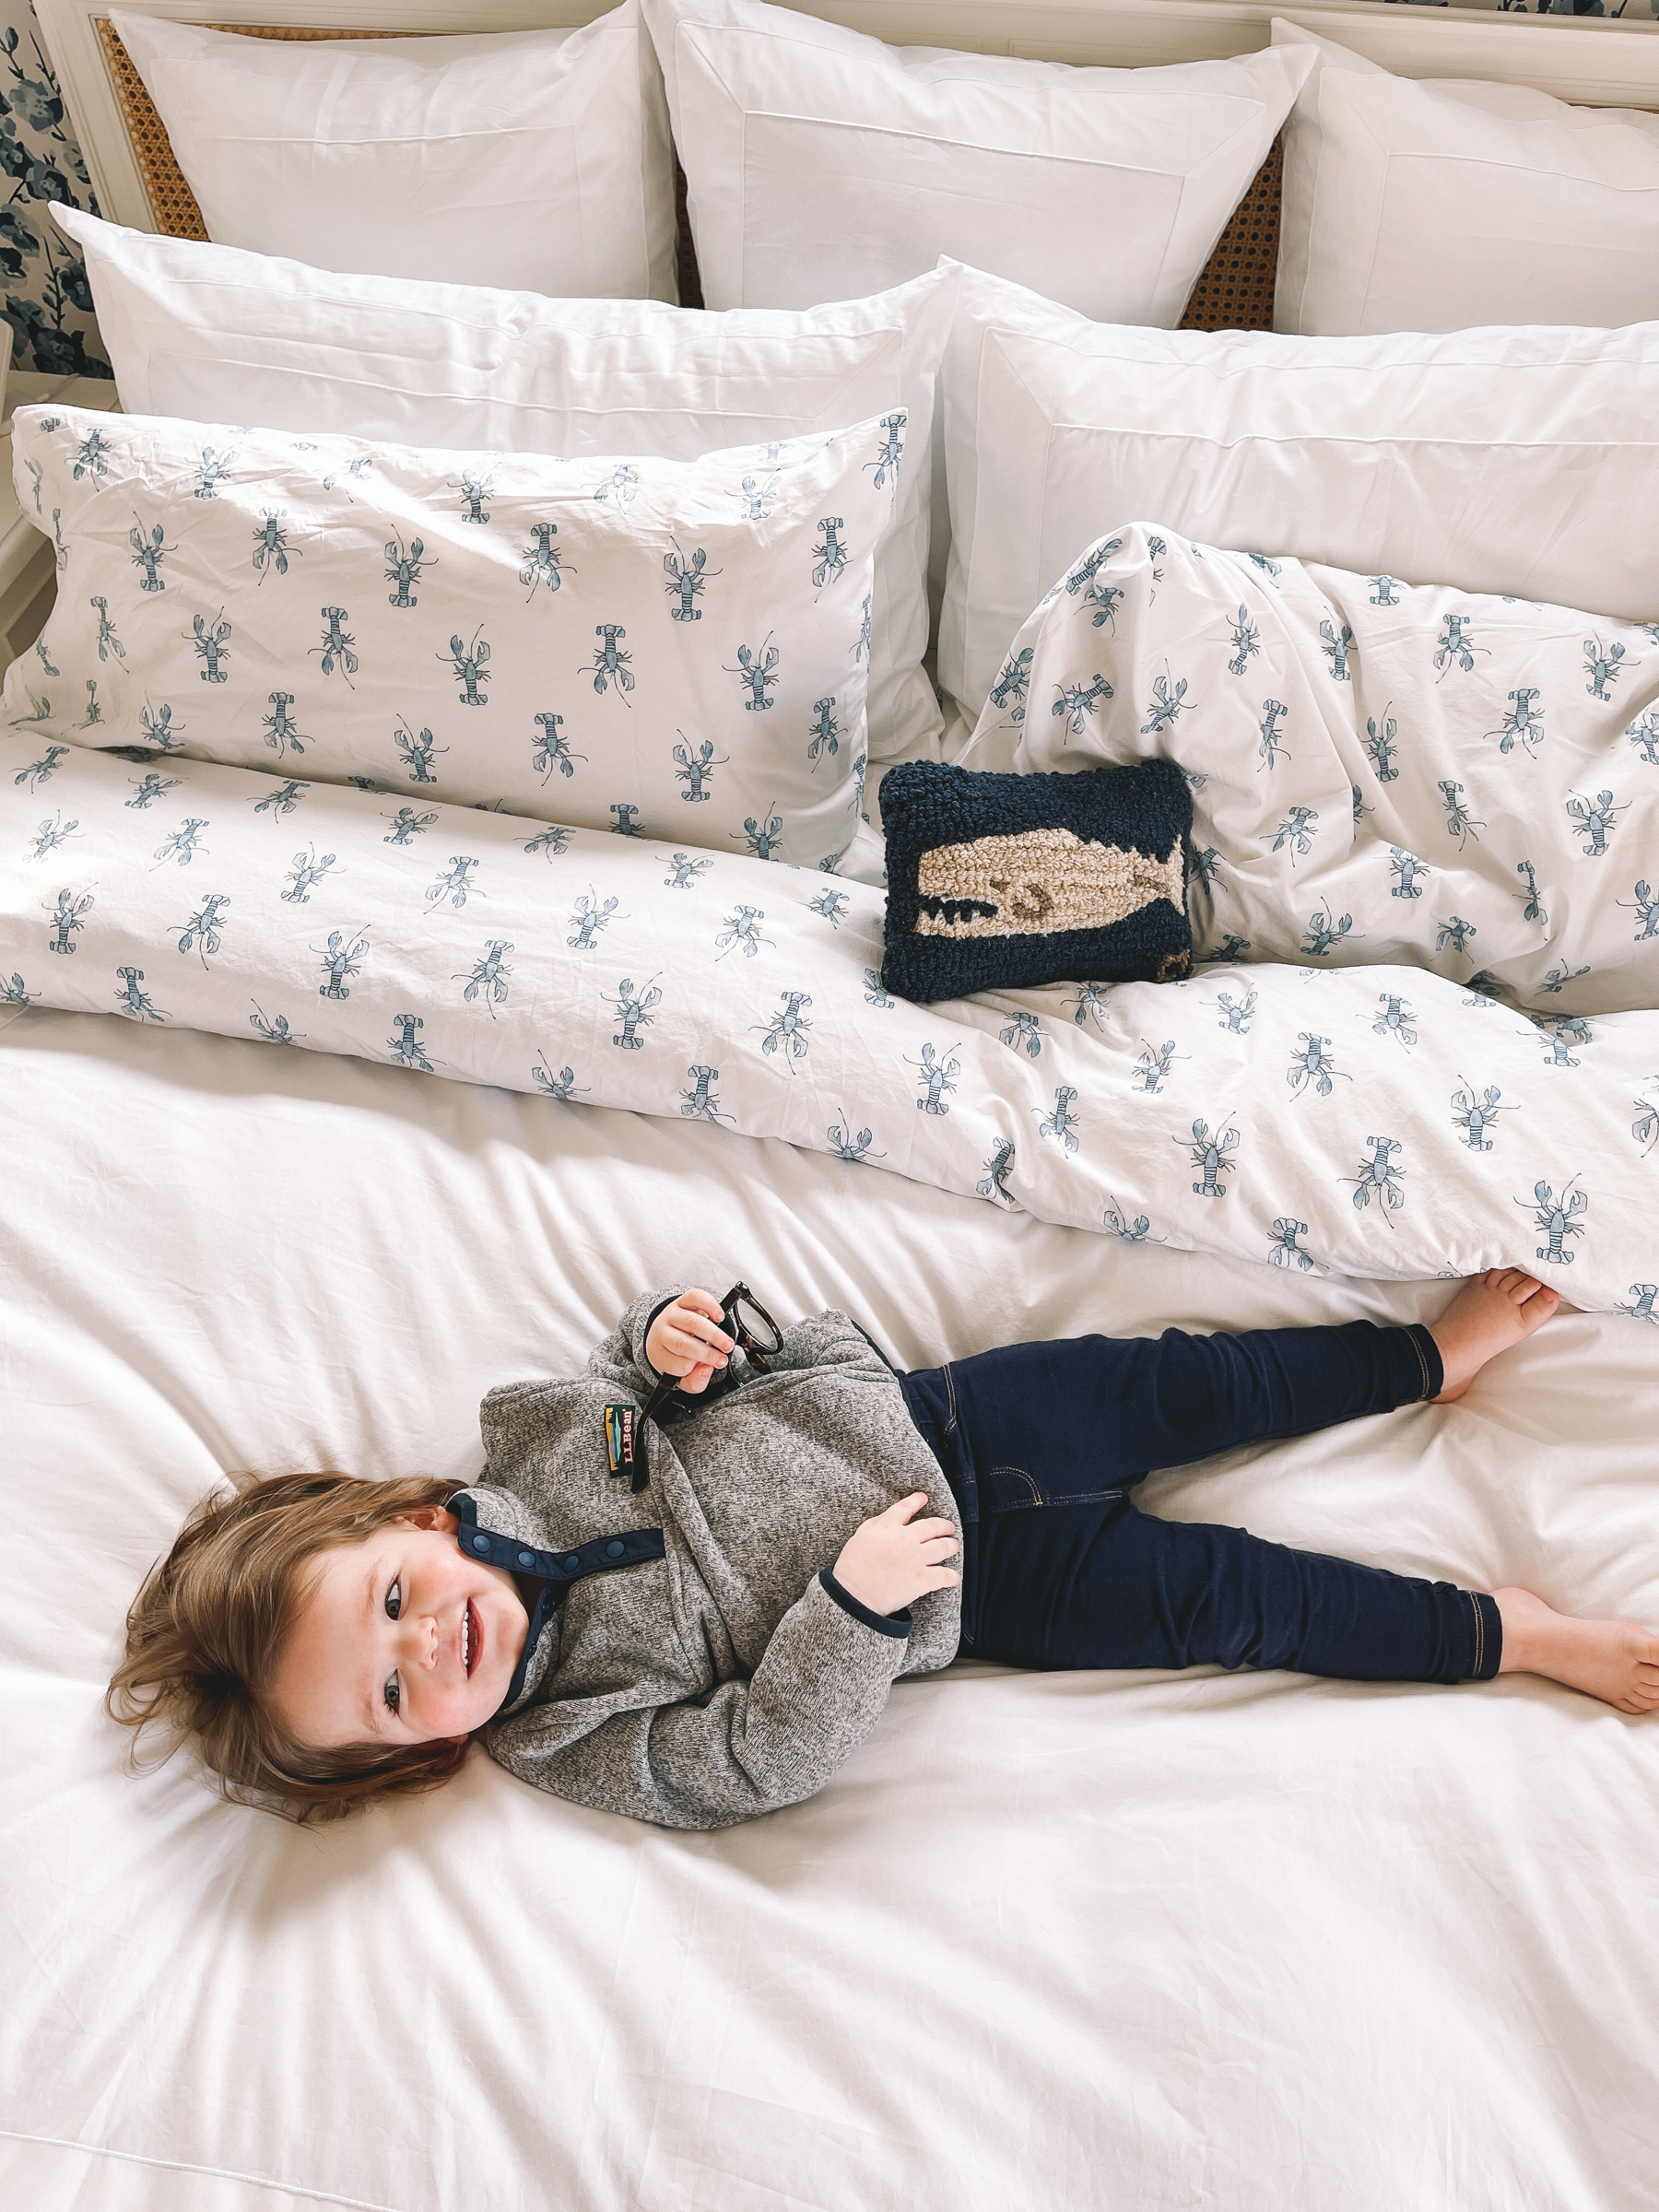 L.L.Bean x Sara Fitz Bedding | L.L.Bean x Sara Fitz Lobster Bedding